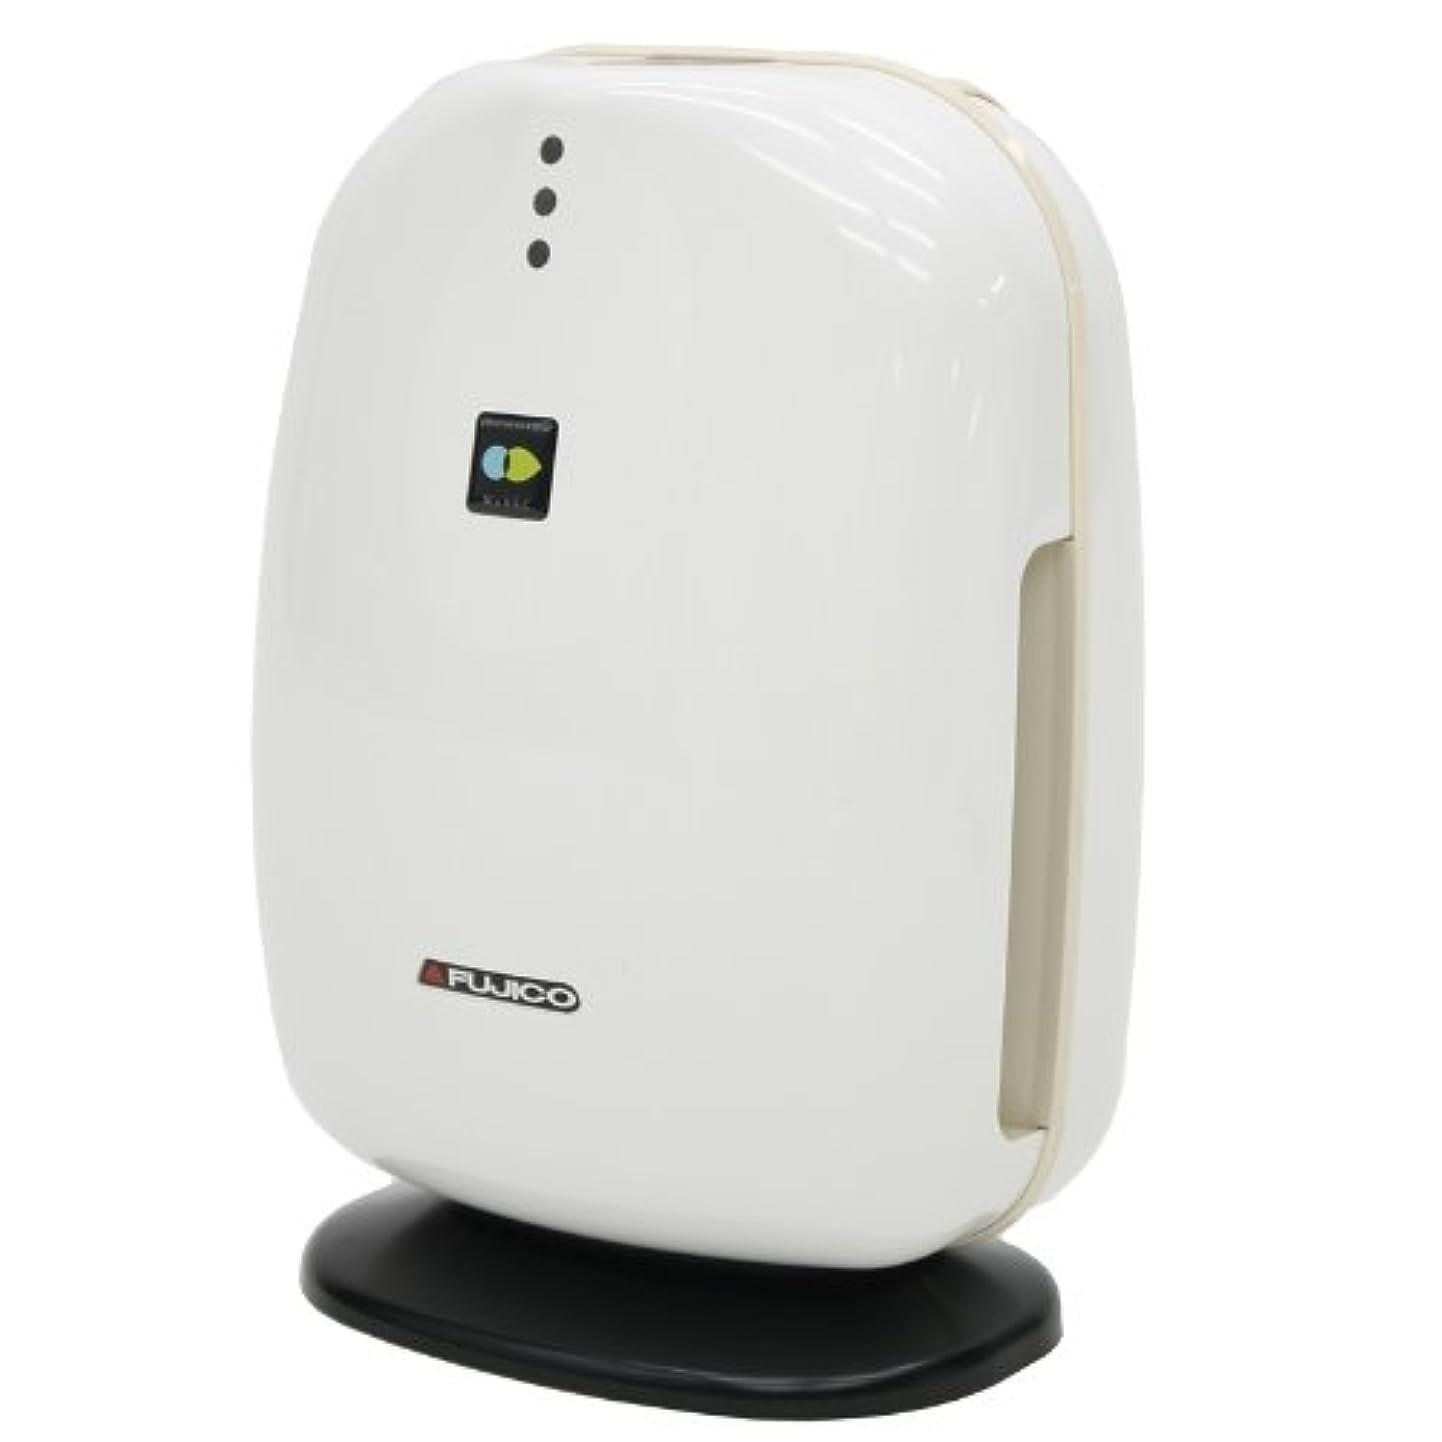 に渡ってフロンティア電話する空気消臭除菌装置マスククリーンMC-V2 ベージュ